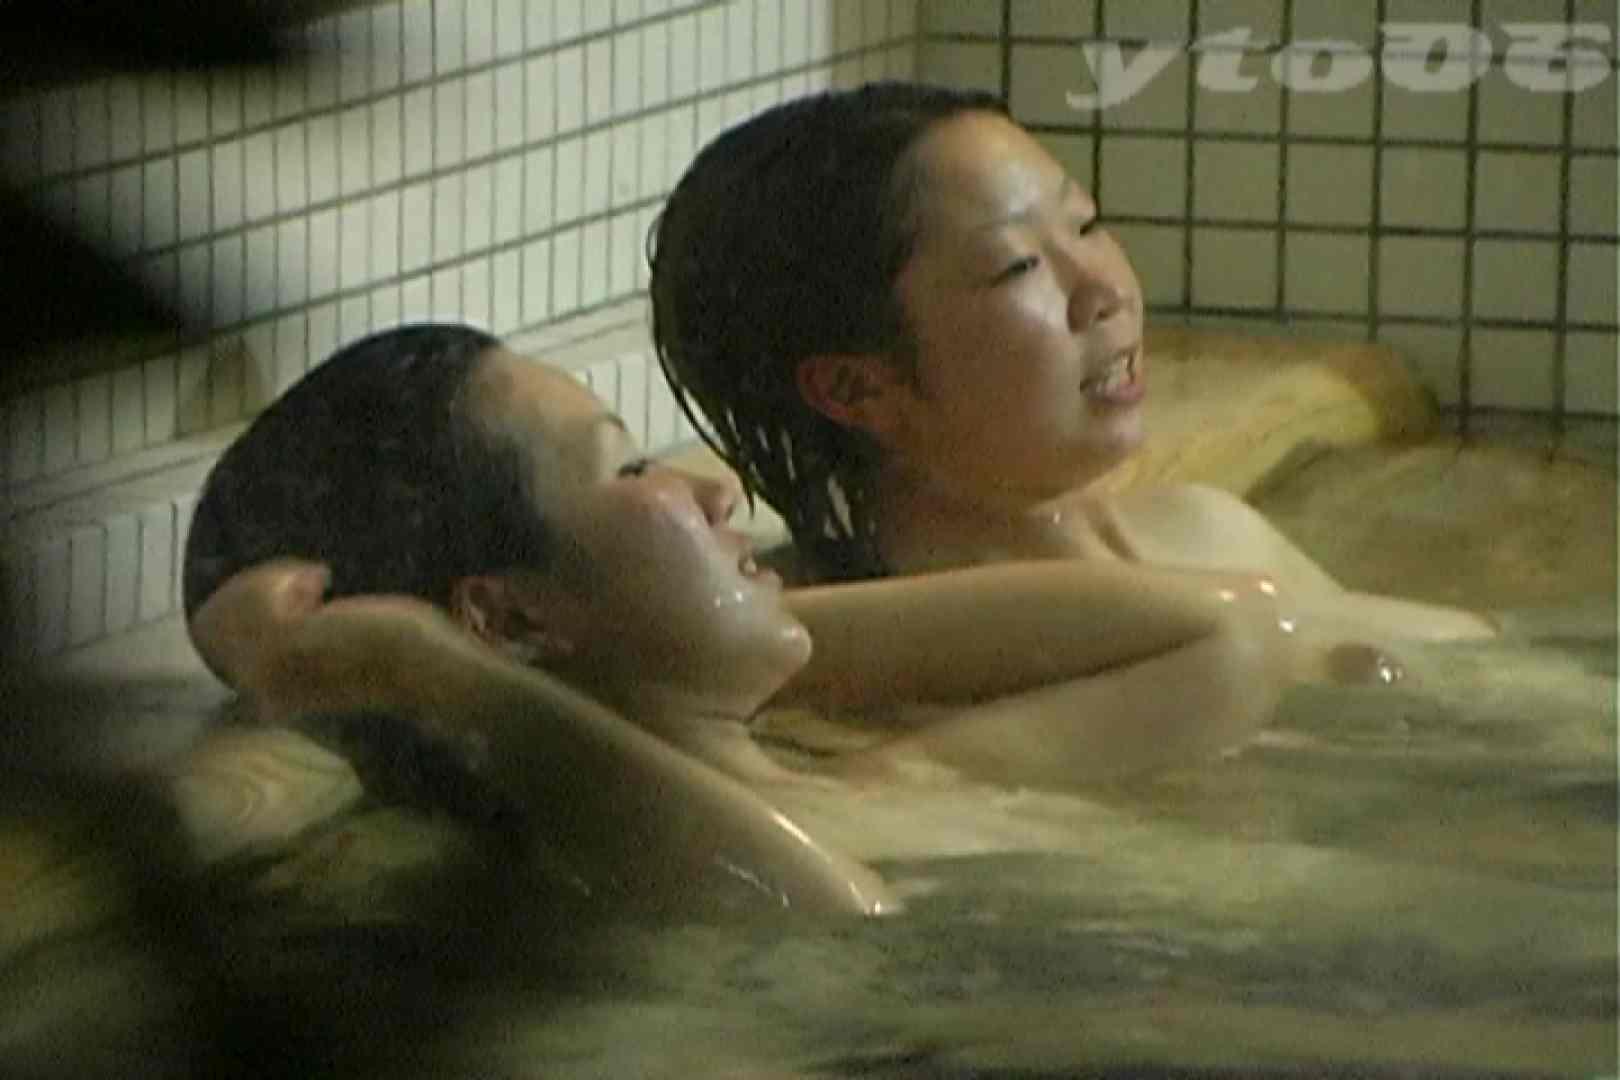 ▲復活限定▲合宿ホテル女風呂盗撮 Vol.32 盗撮映像  67Pix 21